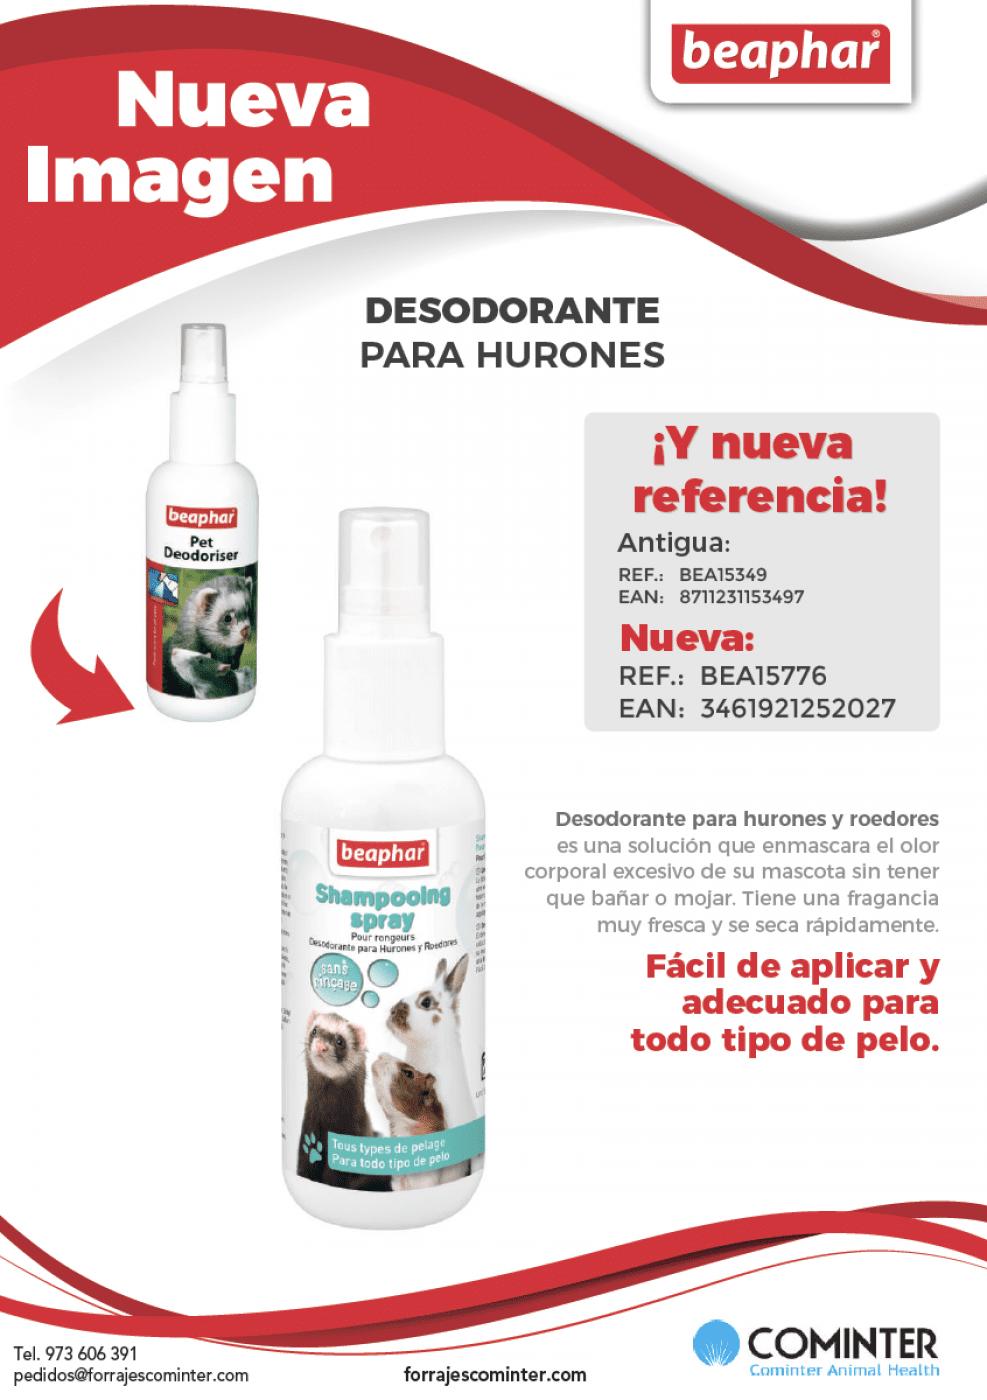 Nueva imagen desodorante hurones y roedores Beaphar